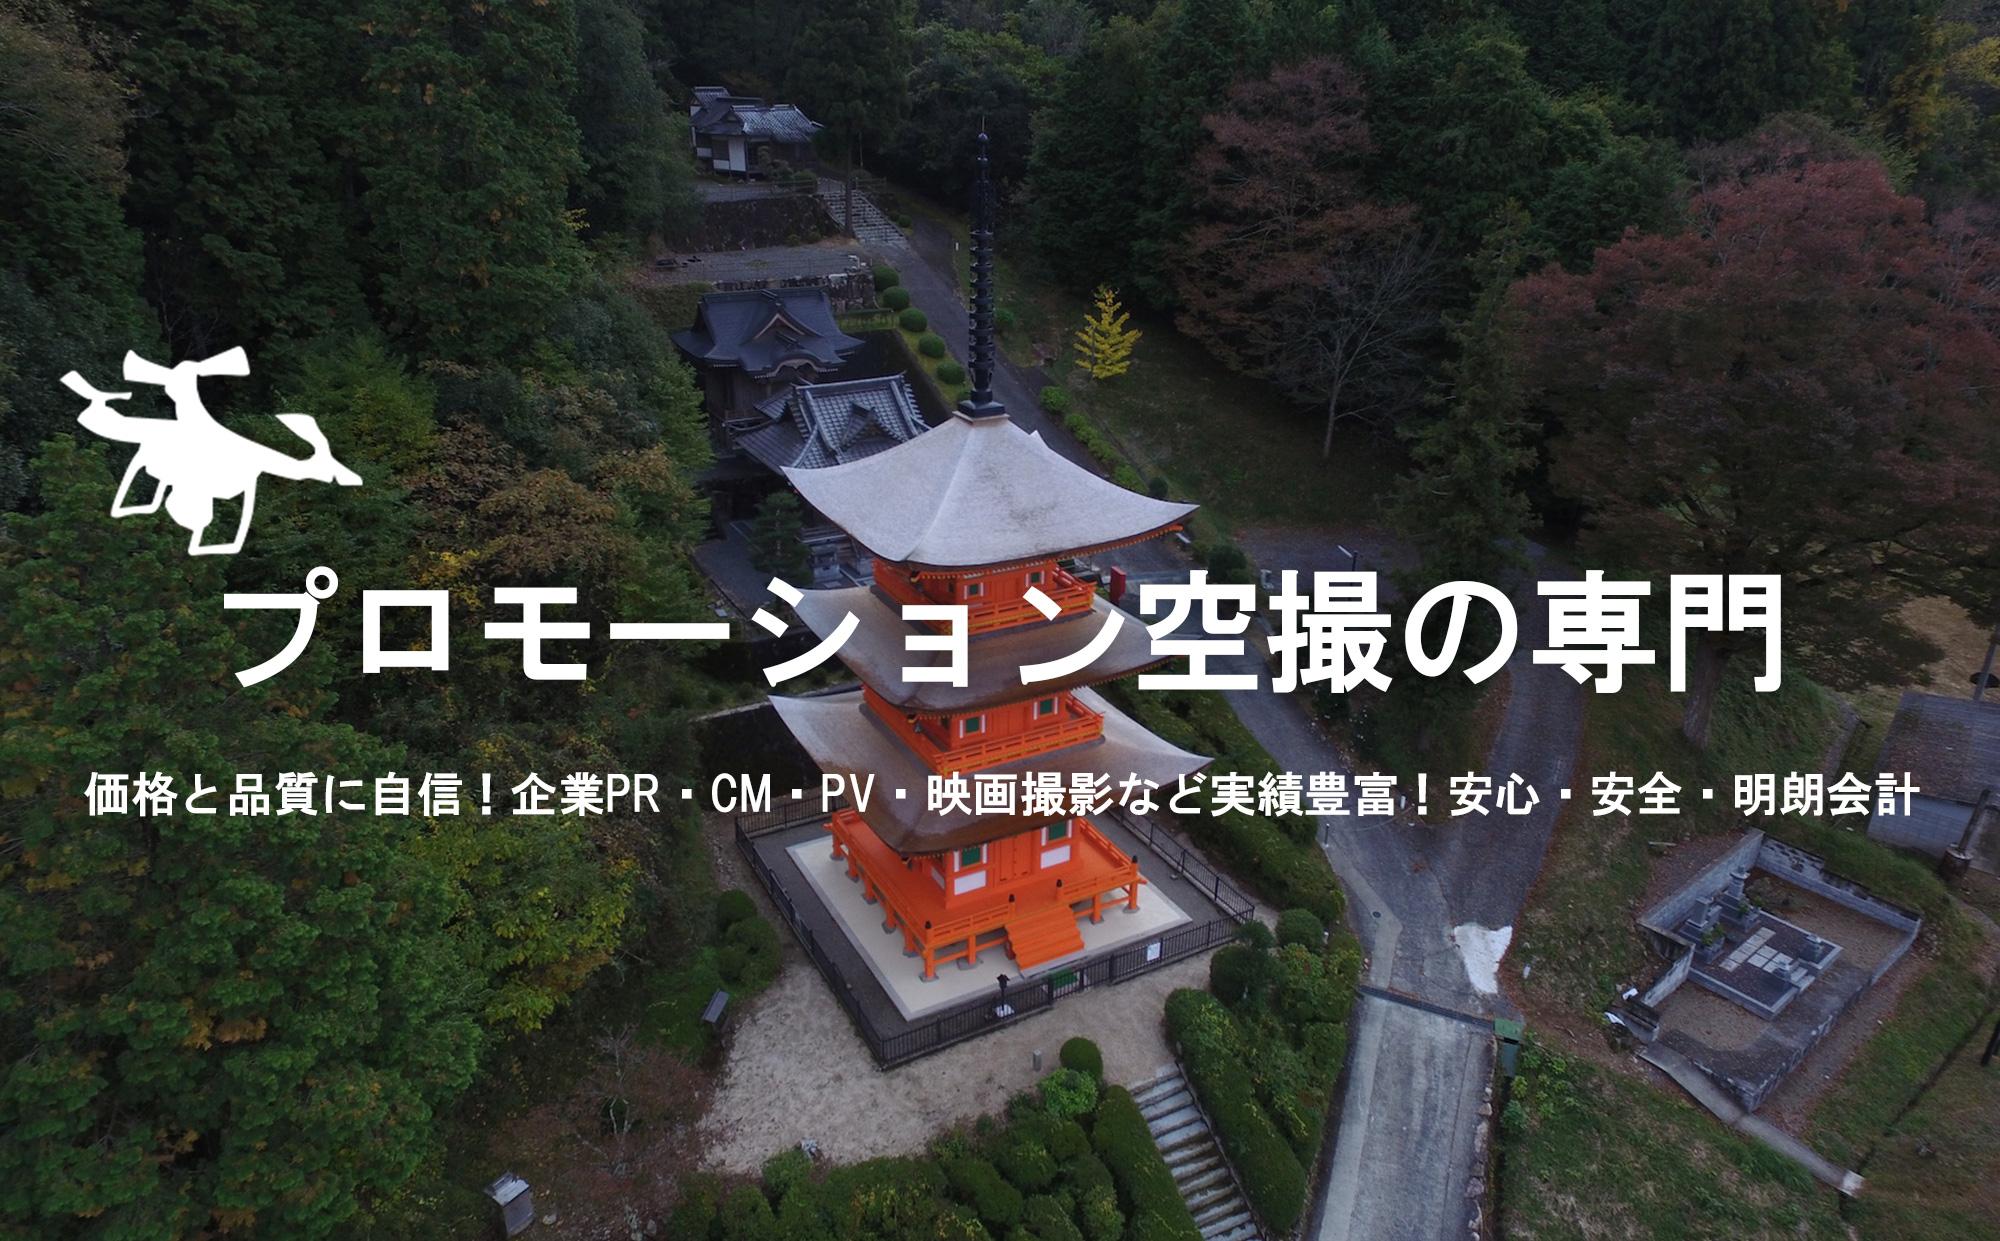 岡山でドローン撮影を依頼するなら「空撮代行ドットコム」